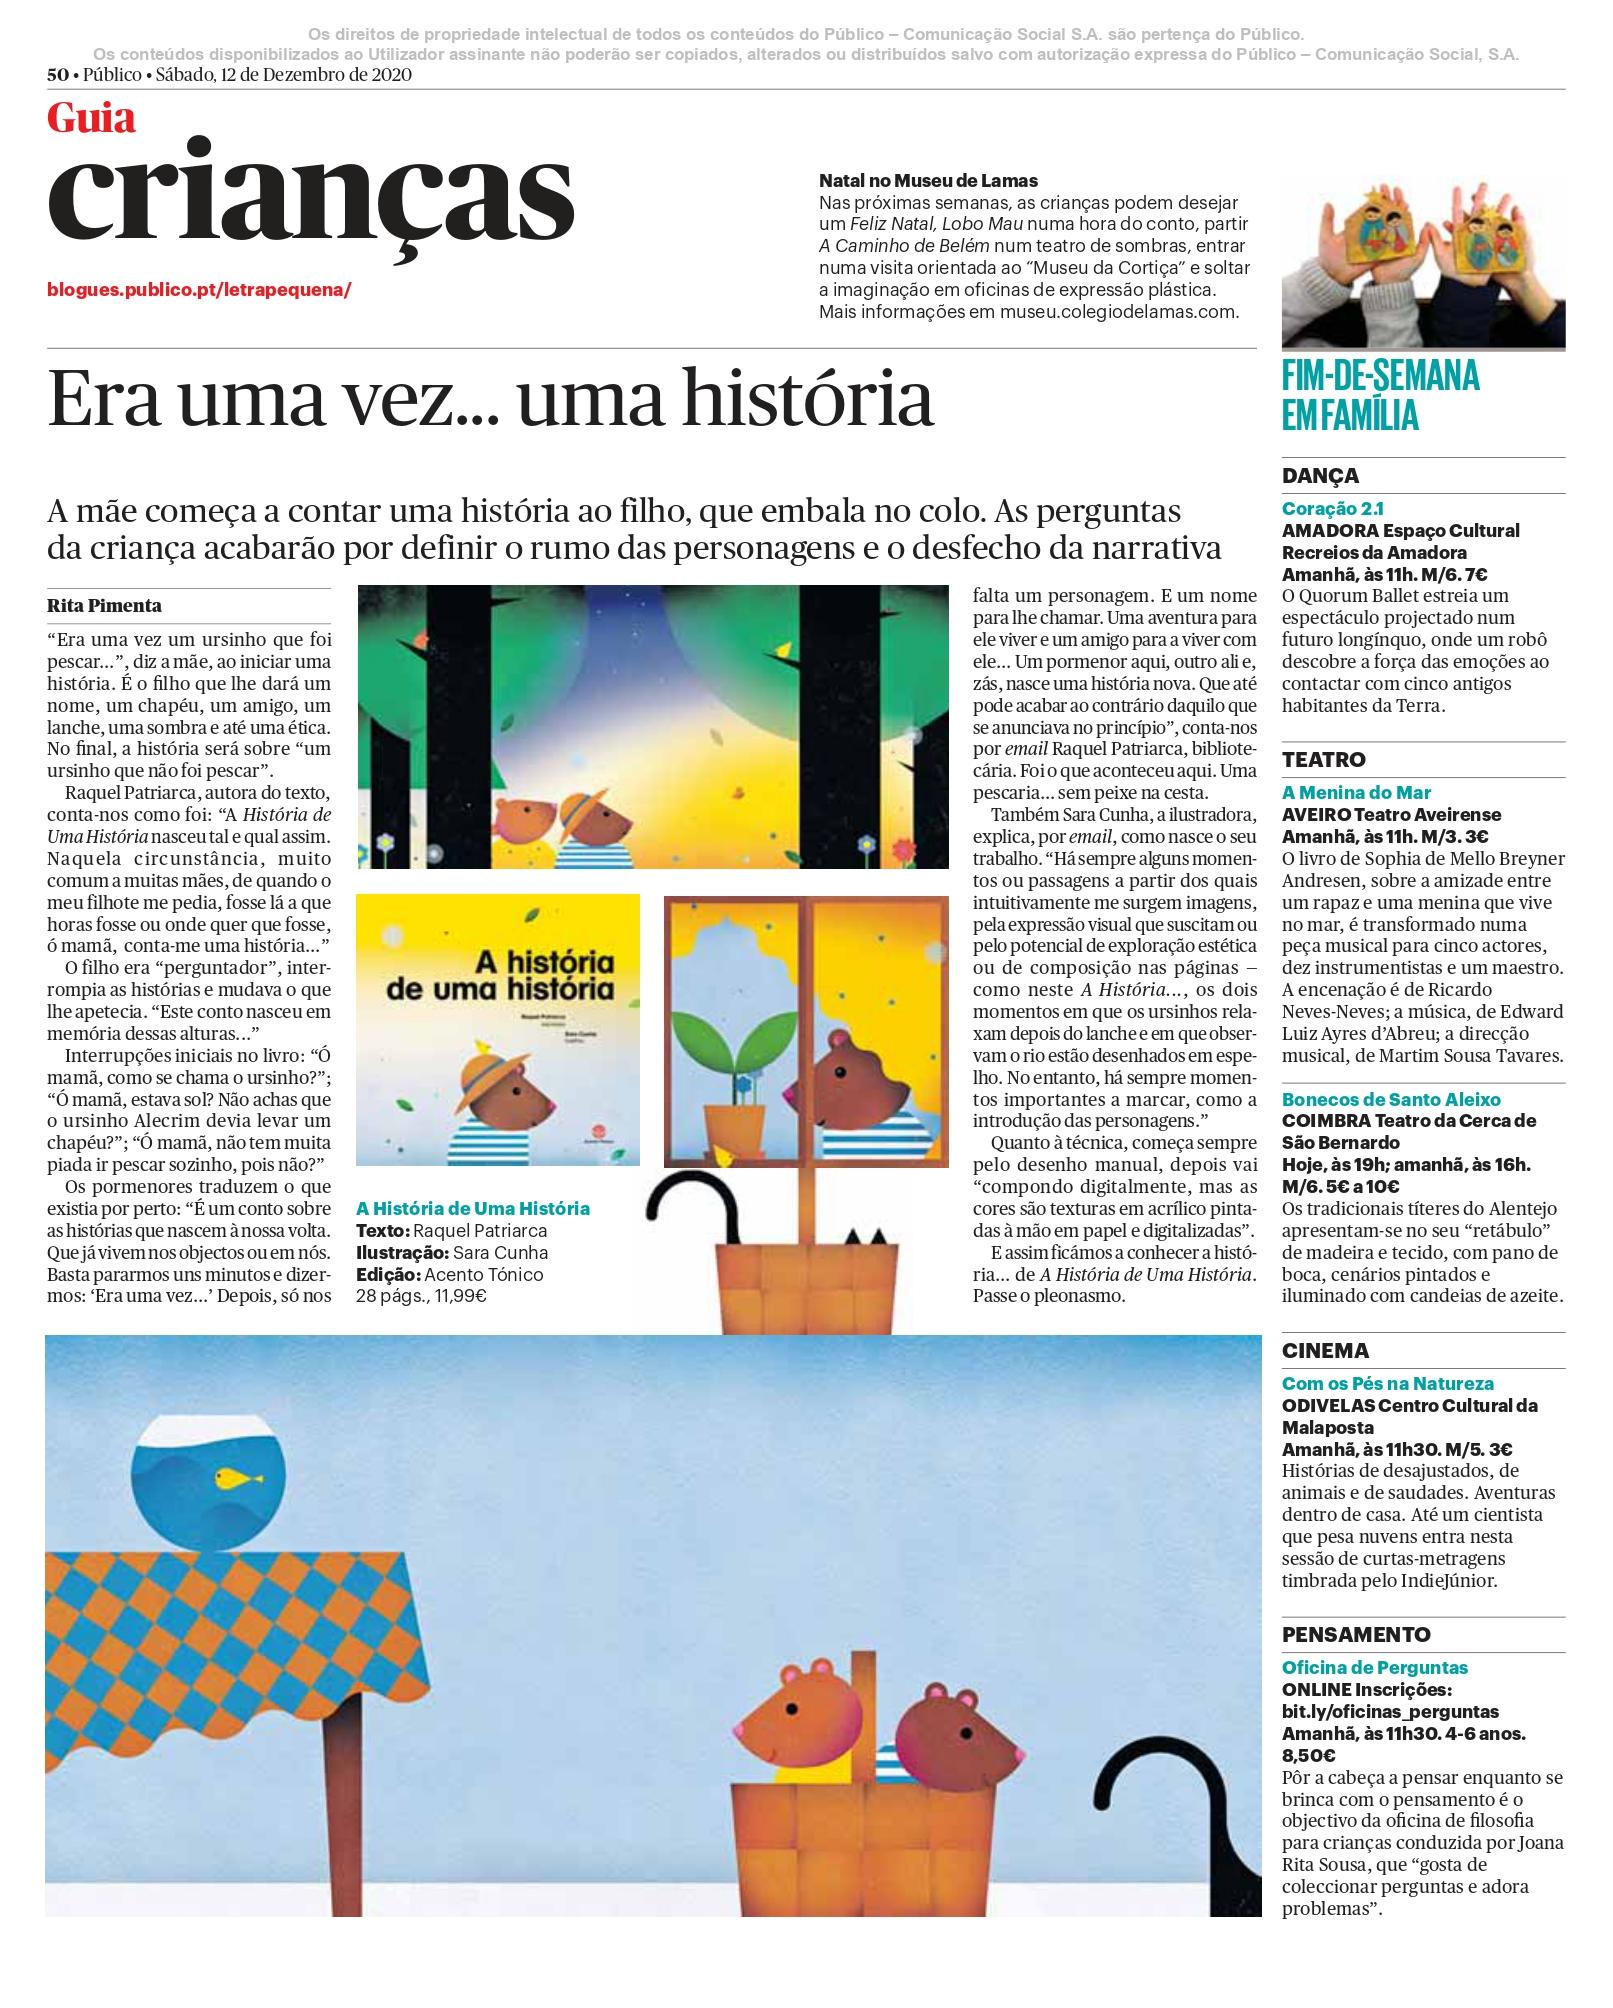 PáginaCrianças12Dezembro2020